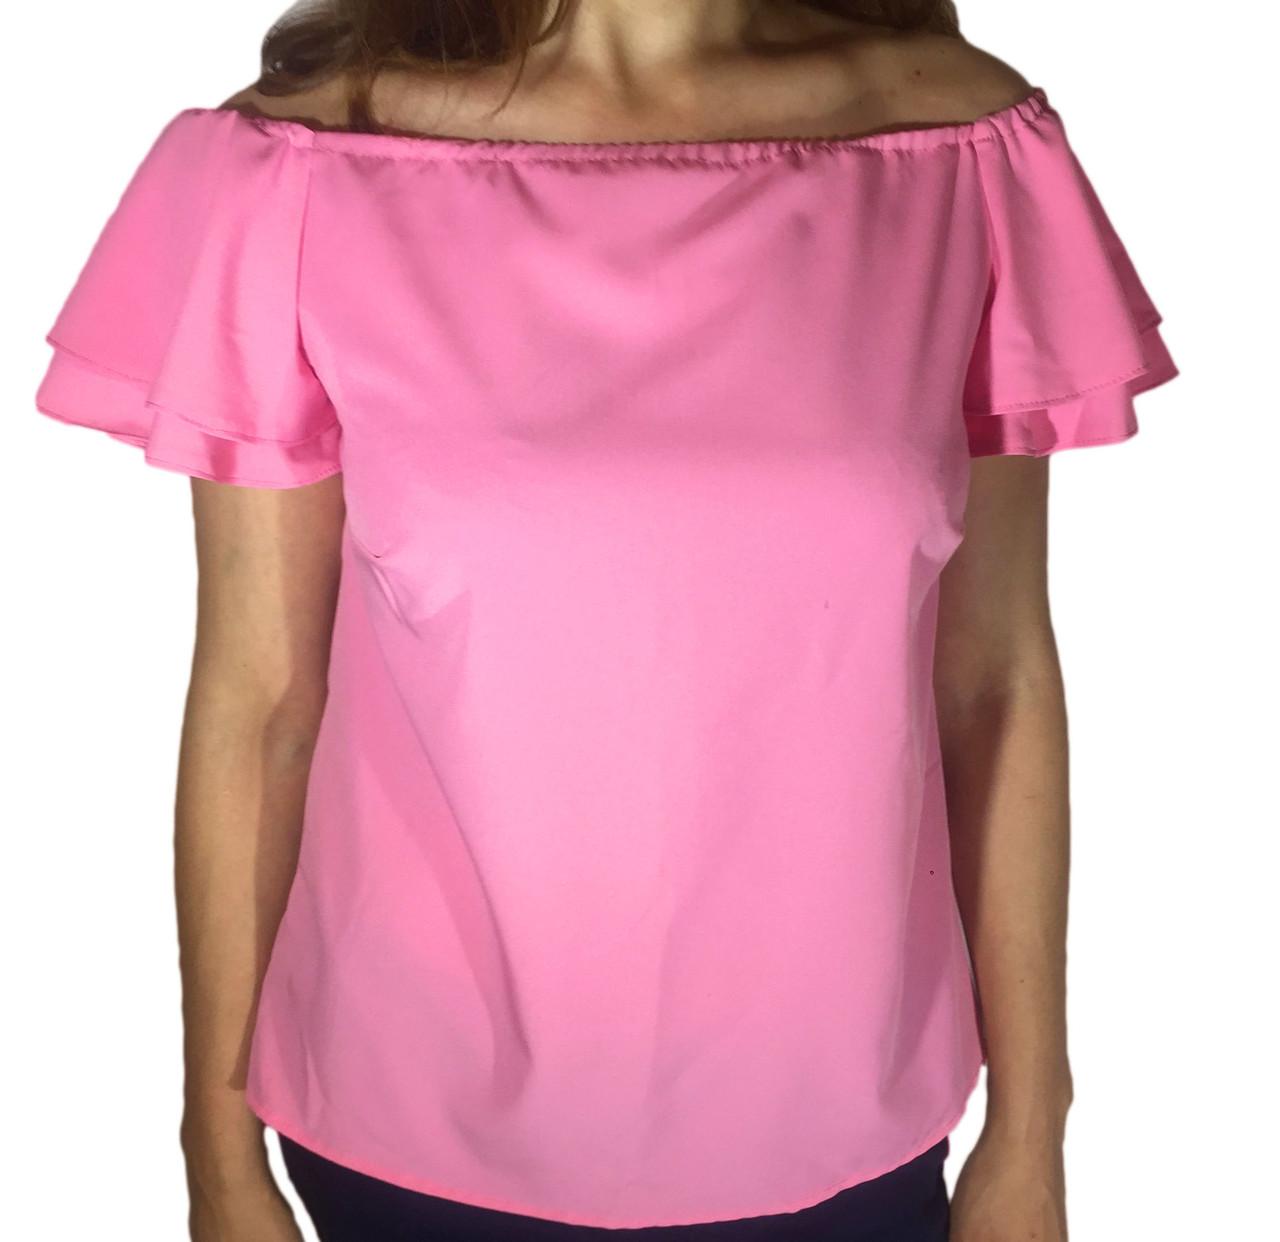 Женская блузка с воланом на рукаве розовая